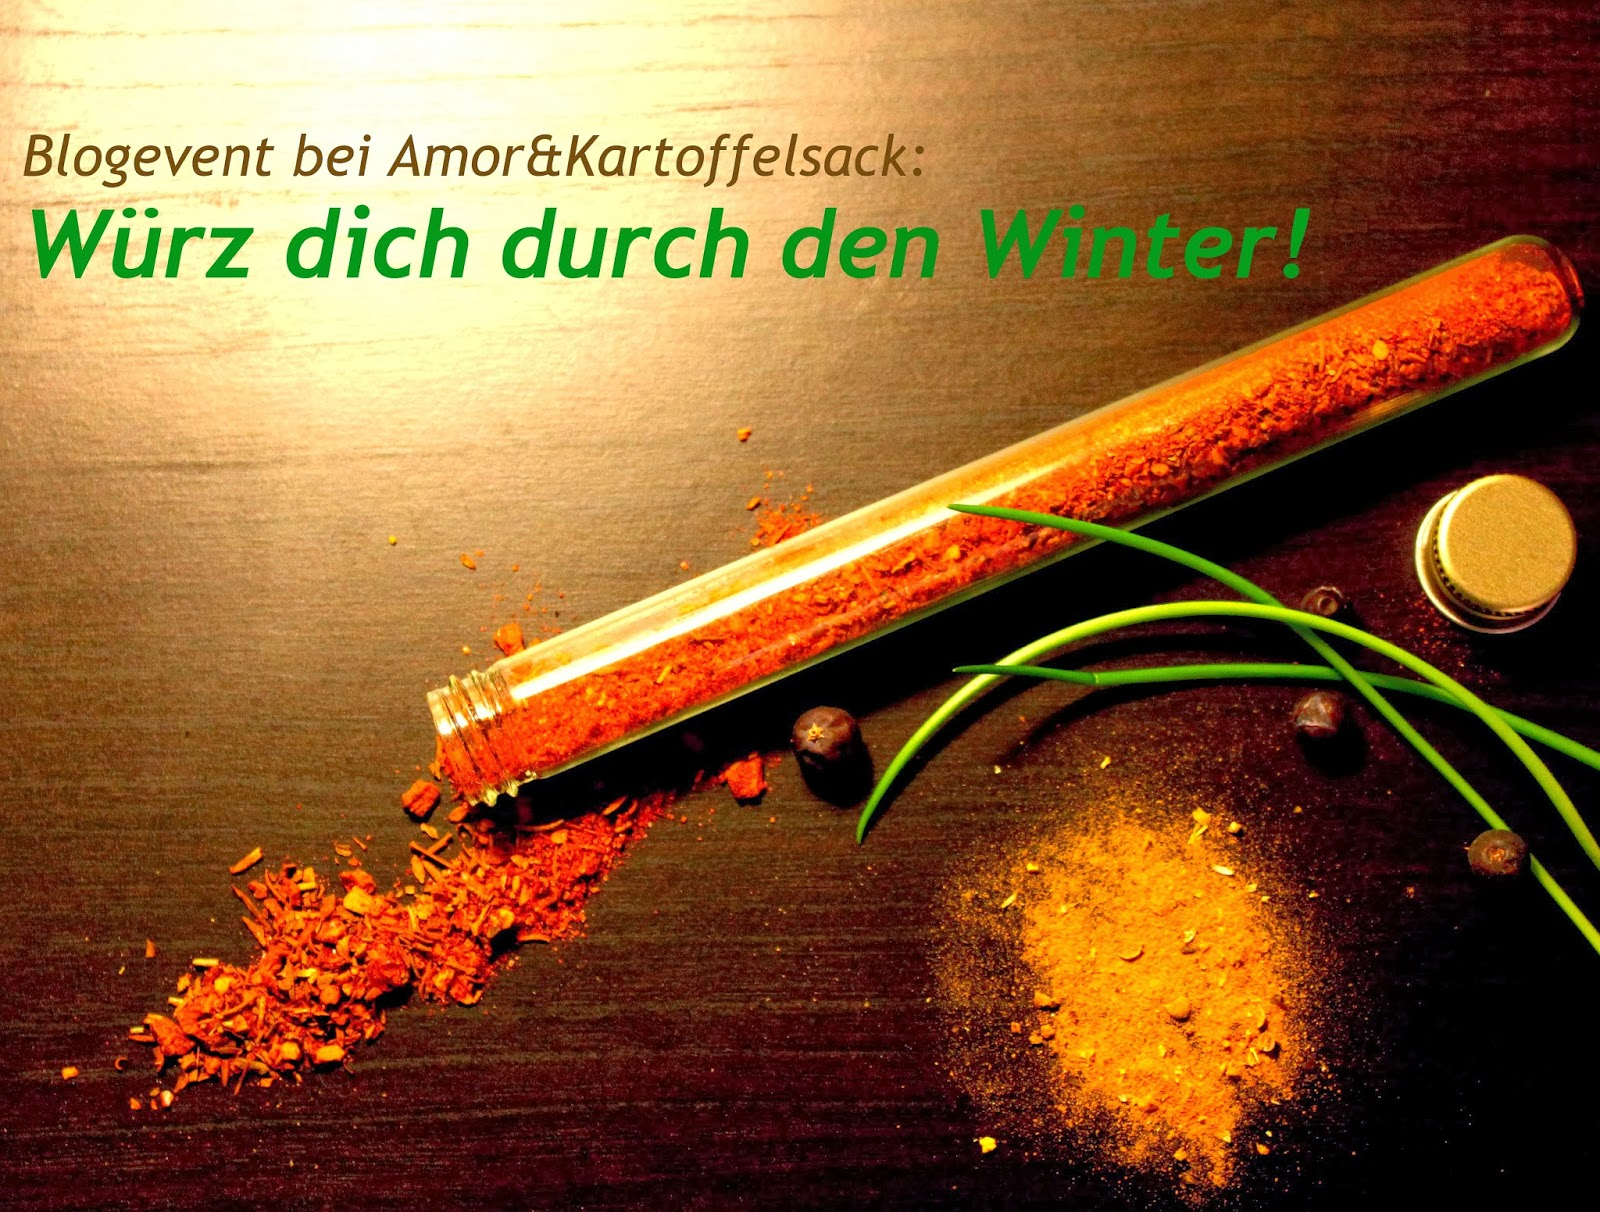 http://amorundkartoffelsack.blogspot.de/2013/12/wurz-dich-durch-den-winter-blogevent.html